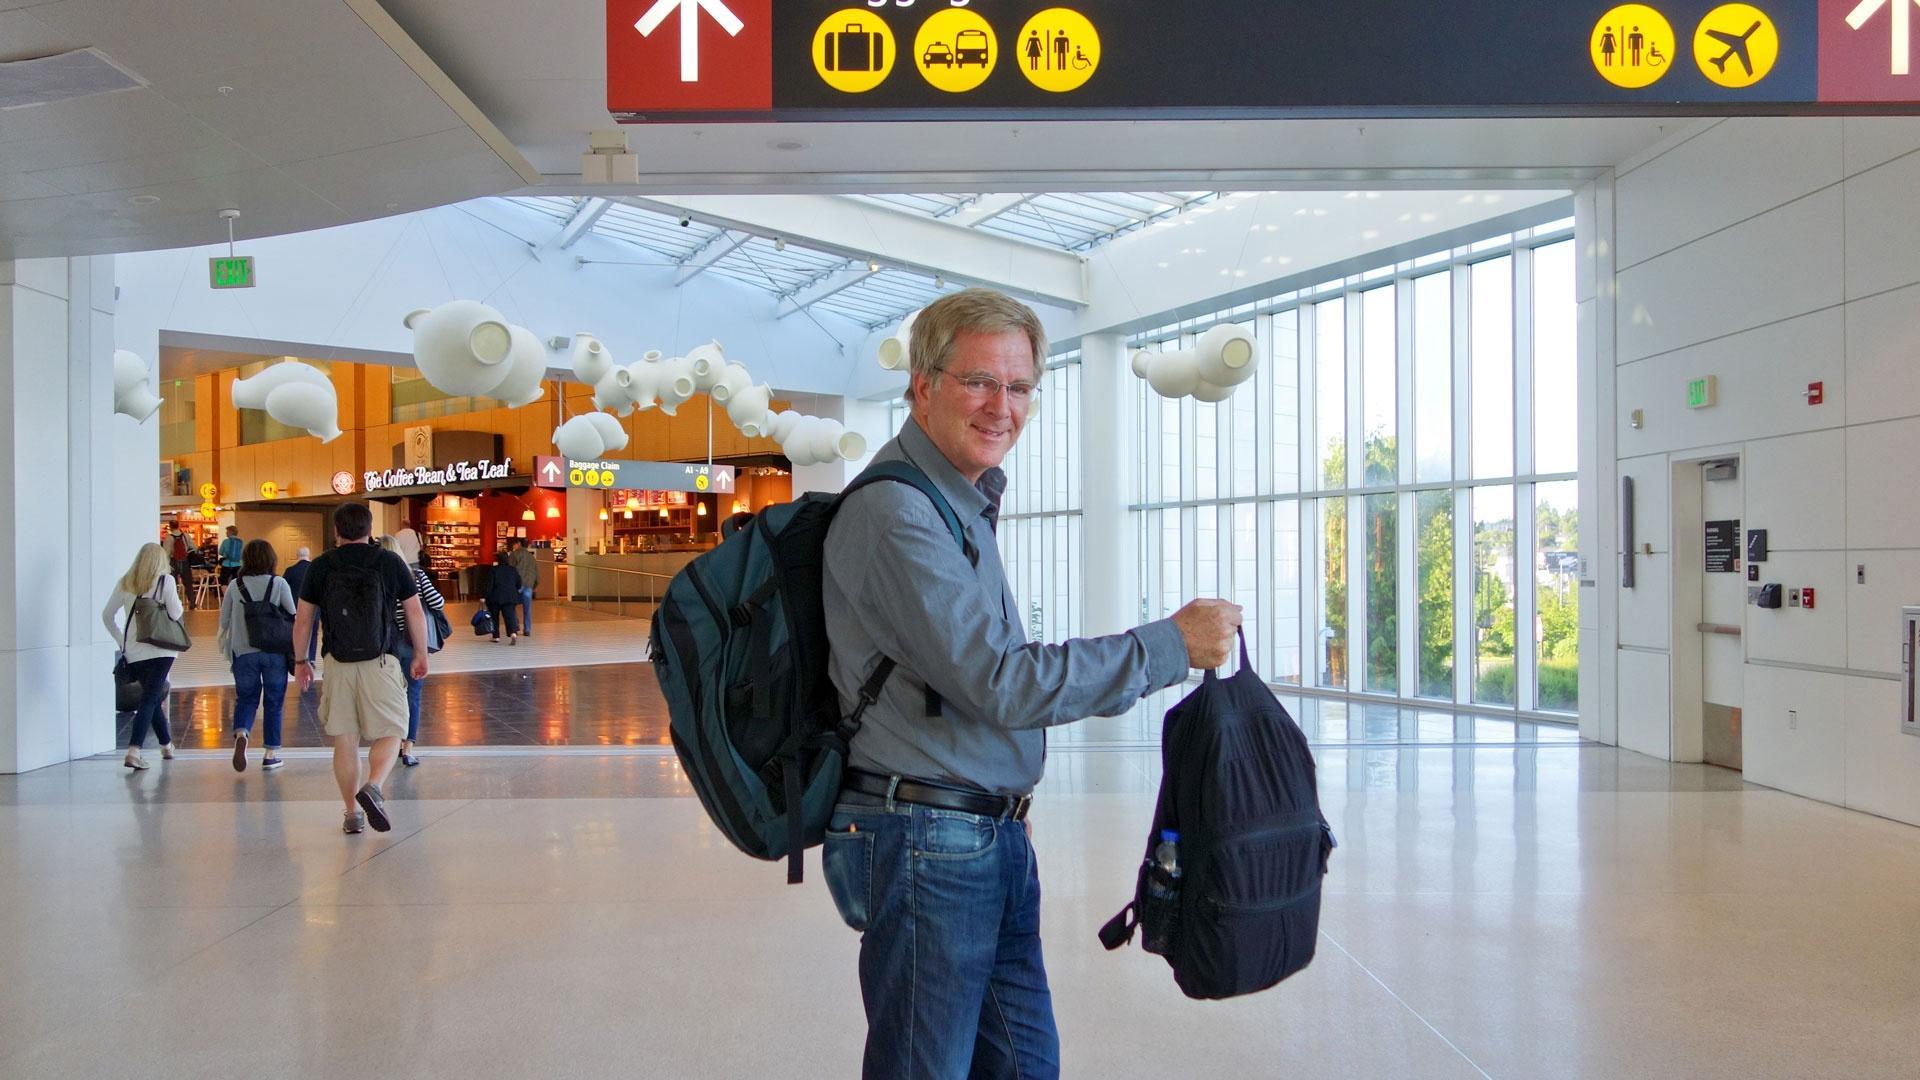 Rick Steves' European Travel Tips & Tricks